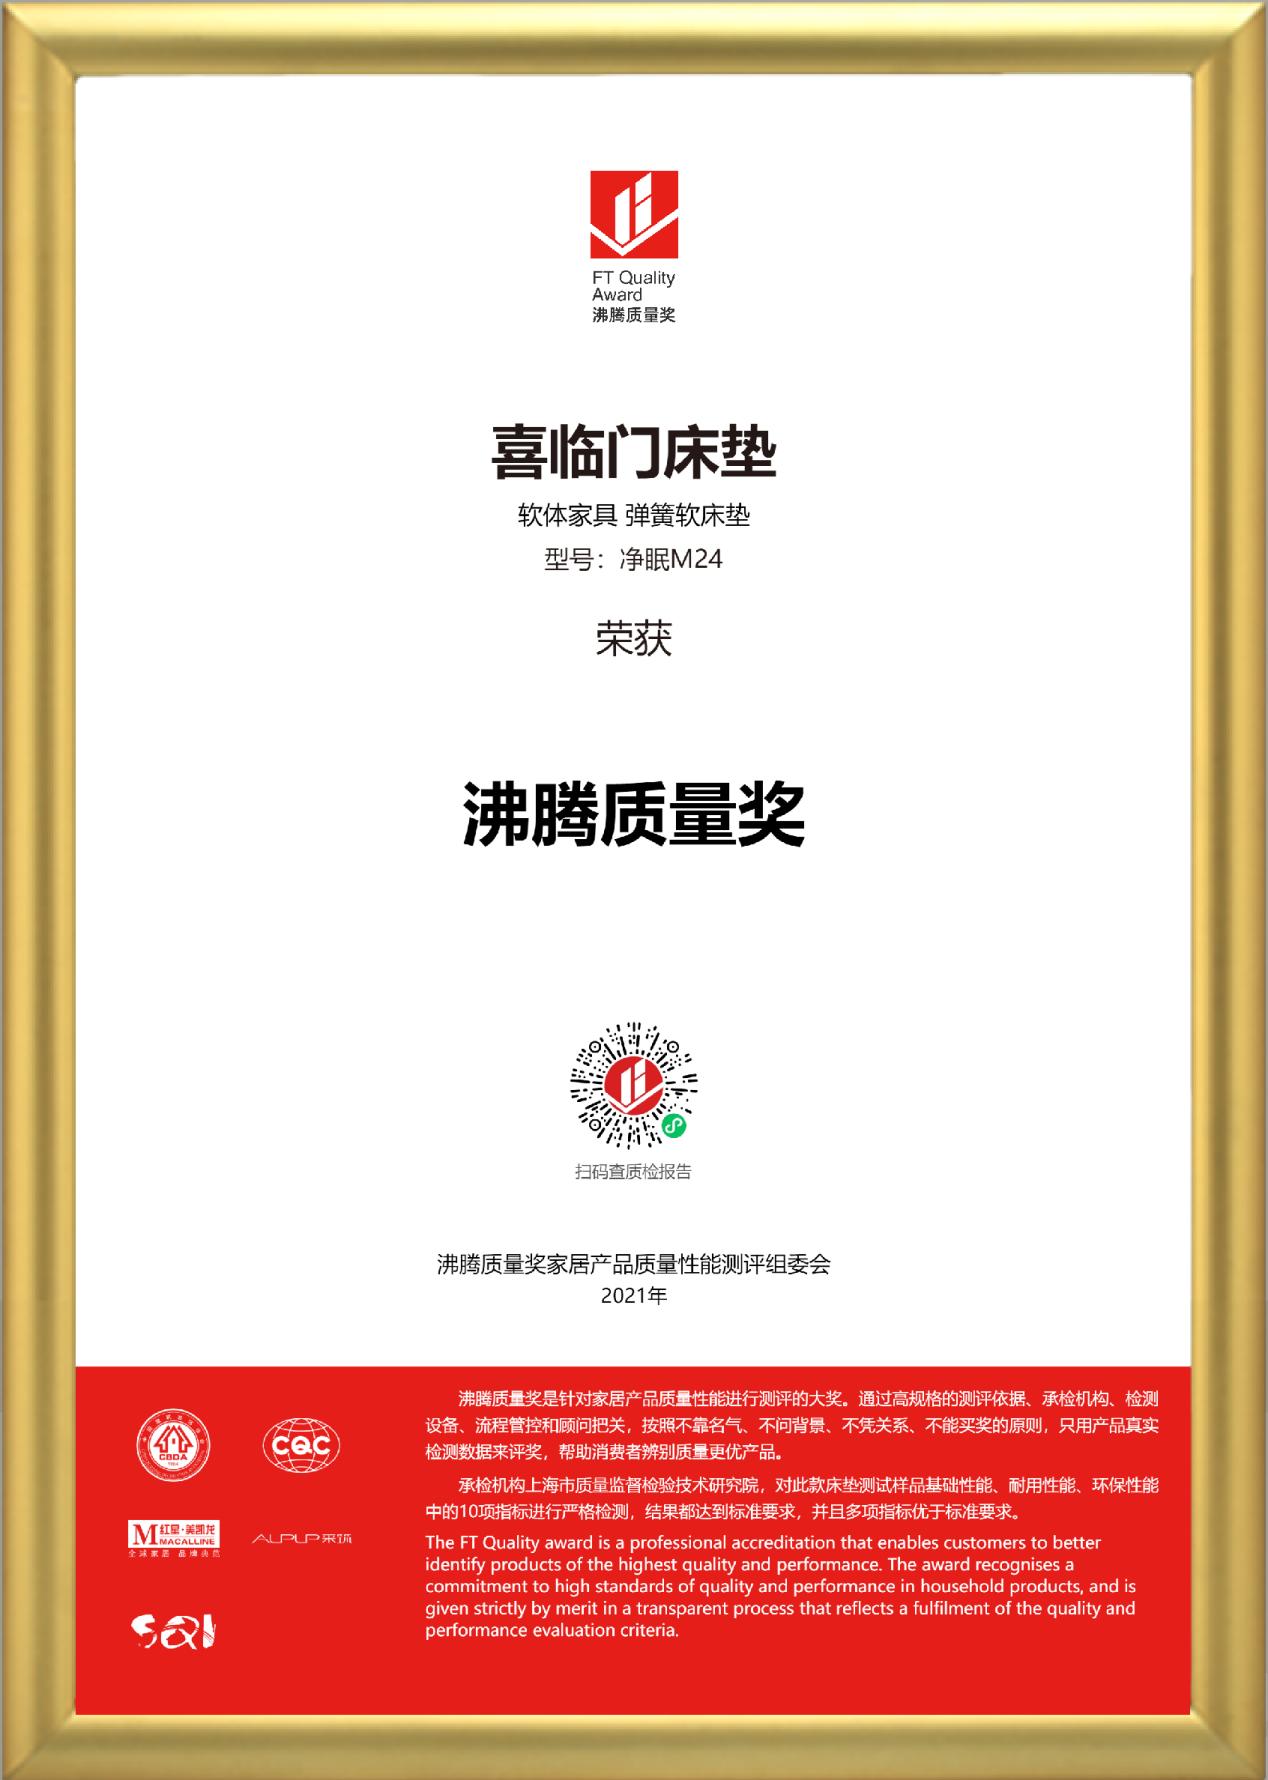 品质筑基,品牌强基!喜临门荣获2021沸腾质量奖